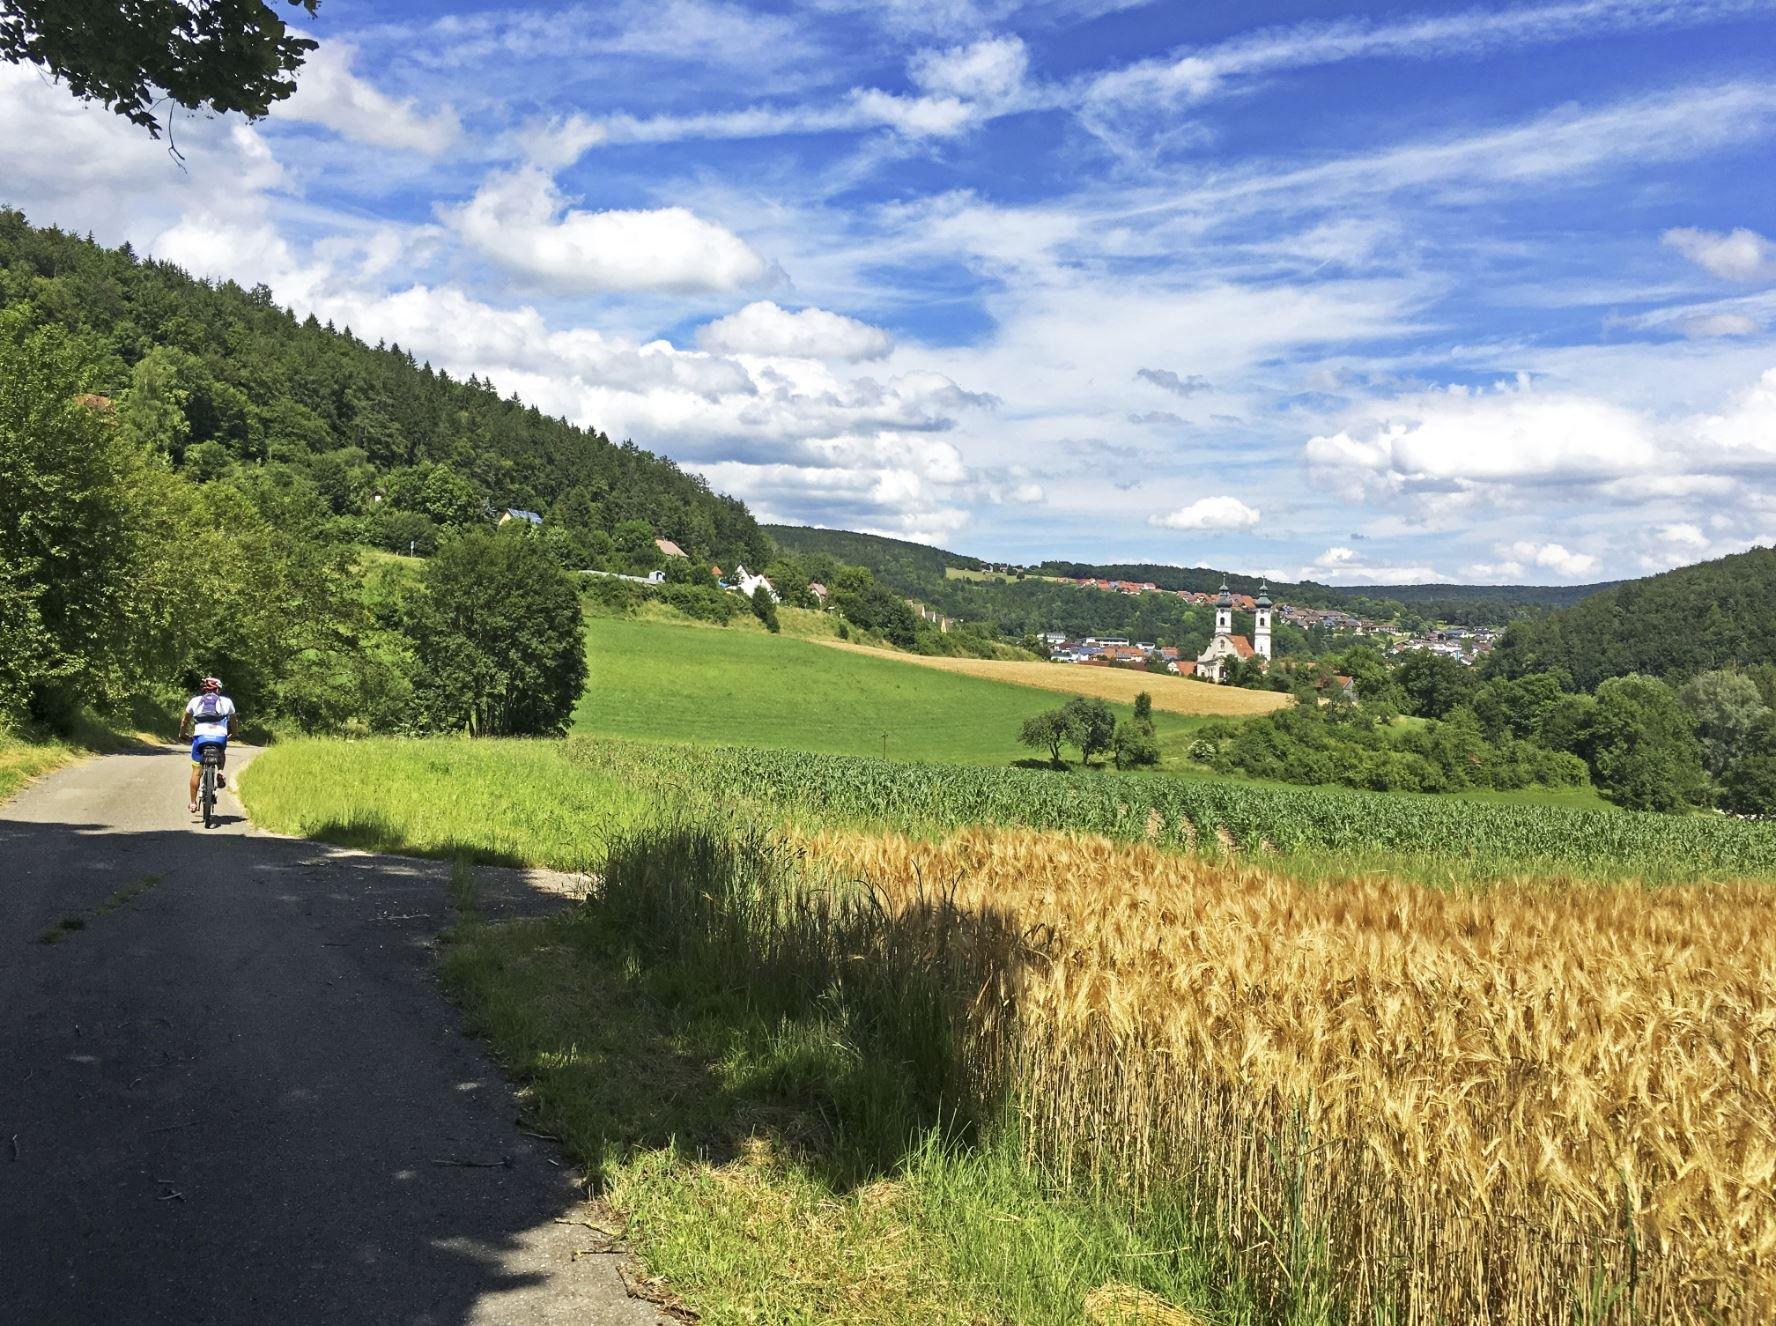 Ein*e Radfahrer*in fährt auf einem Teerweg in Richtung einer Stadt mit einer prägnanten weißen Kirche. Rechts sind Felder, links sind Sträucher. Der Himmel ist leicht bewölkt.